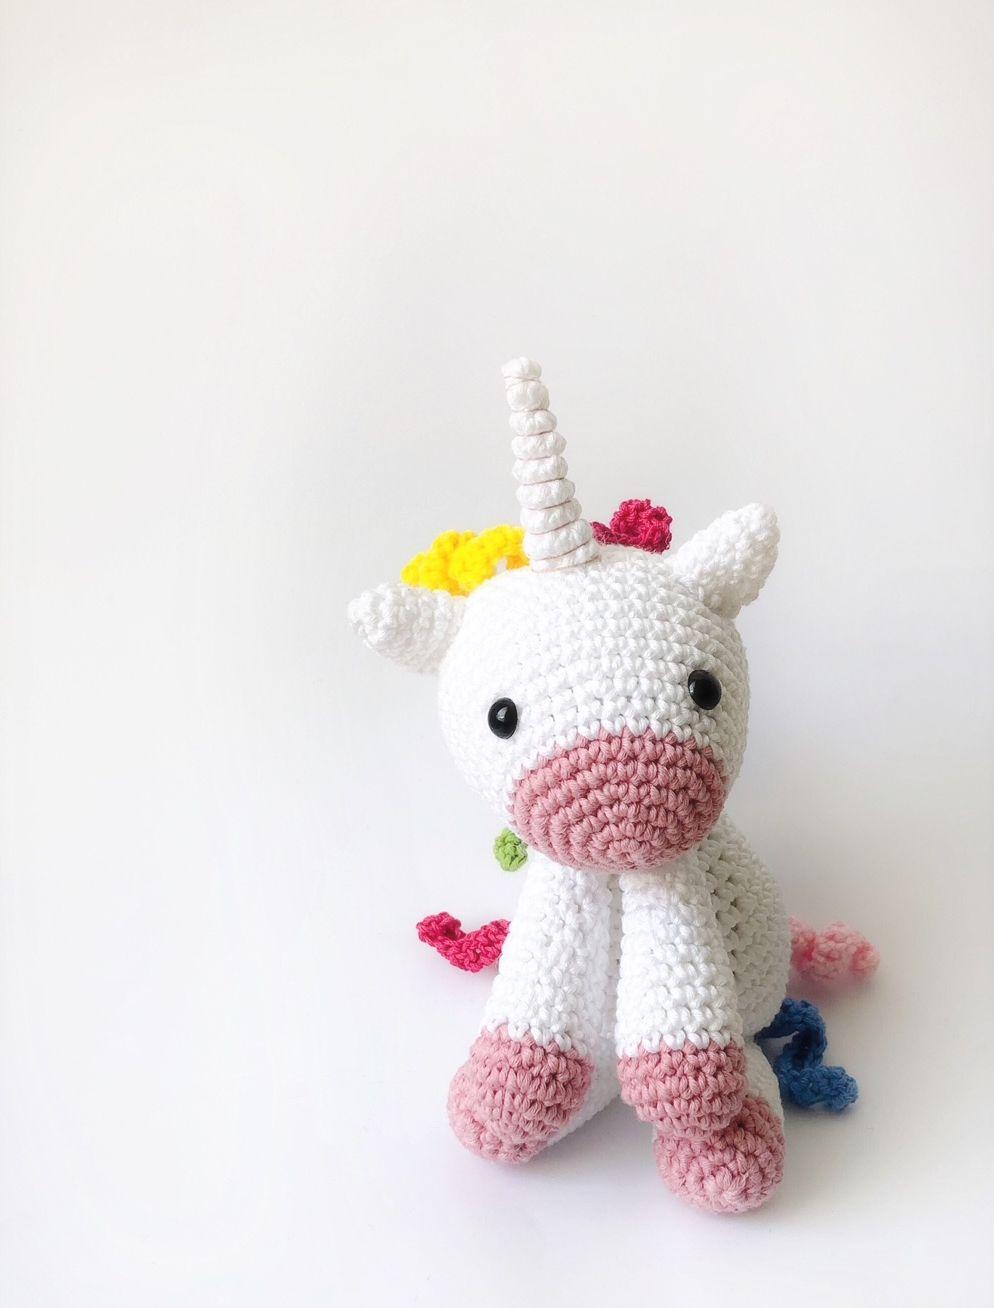 Crochet penguin amigurumi | Wzory amigurumi, Szydełkowe zabawki ... | 1308x994